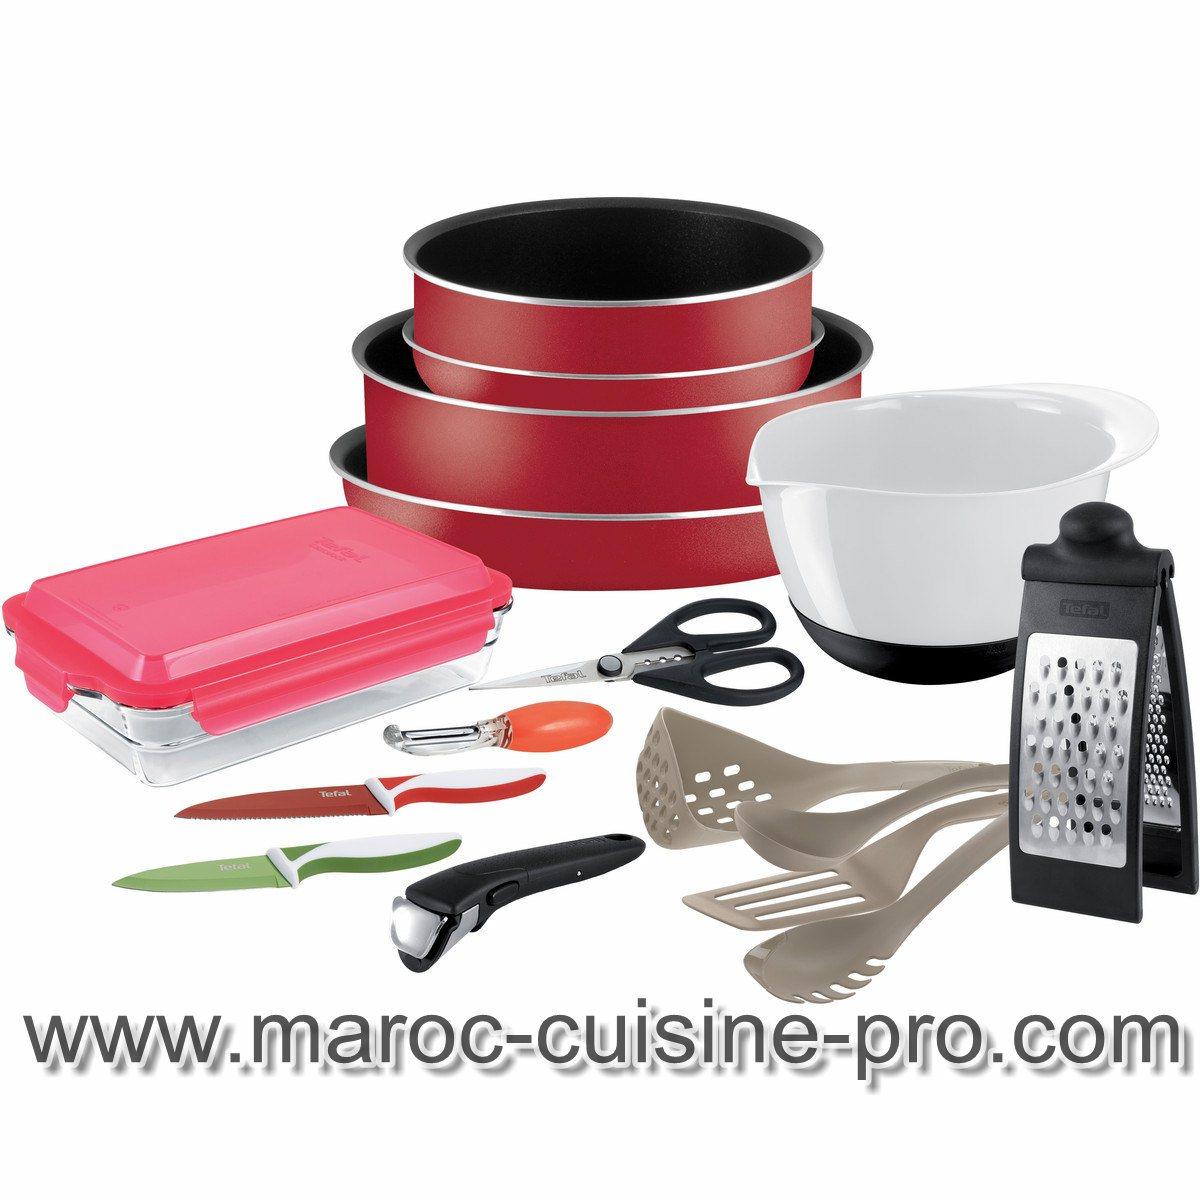 Quipement accessoires vaisselle de cuisine pro au maroc for Boutique accessoire cuisine